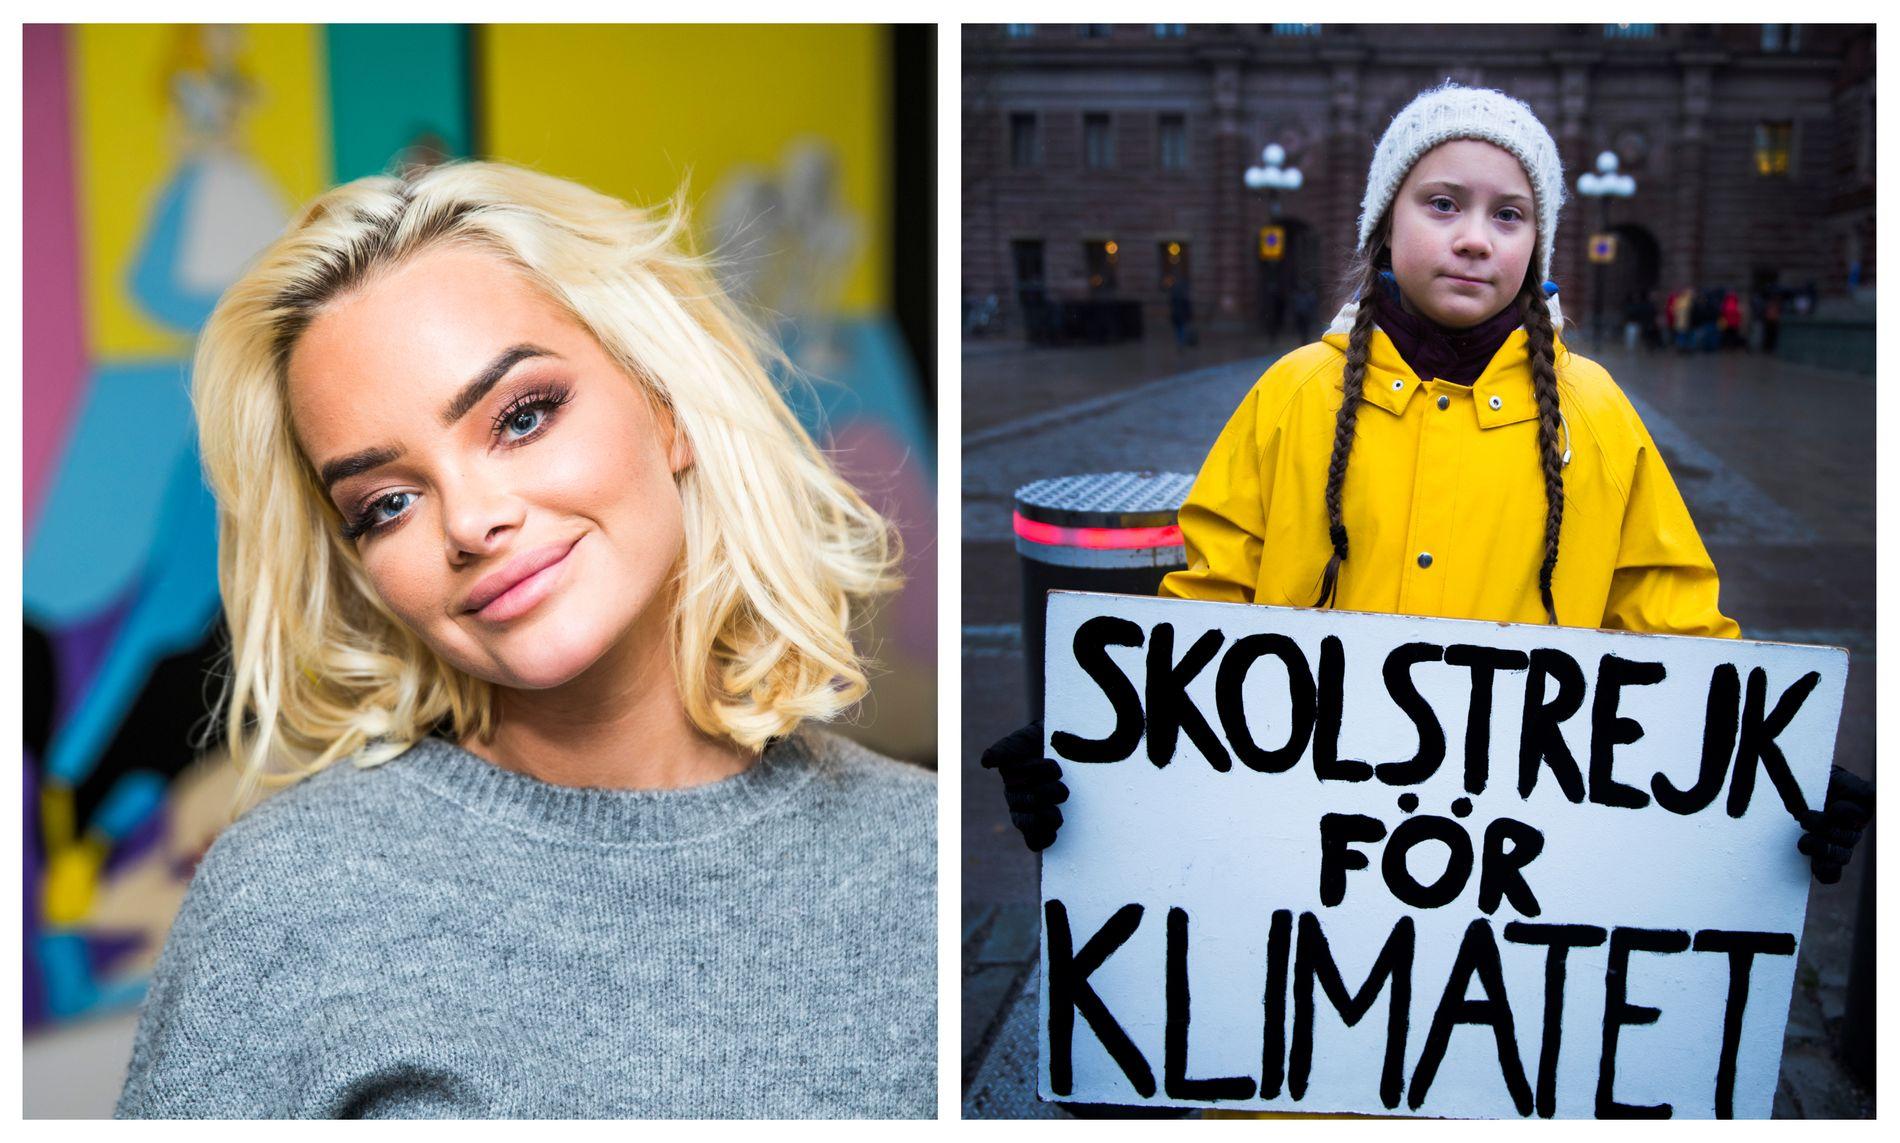 UNGE STEMMER: Influenser Sophie Elise Isachsen og den svenske klimaforkjemperen Greta Thunberg.